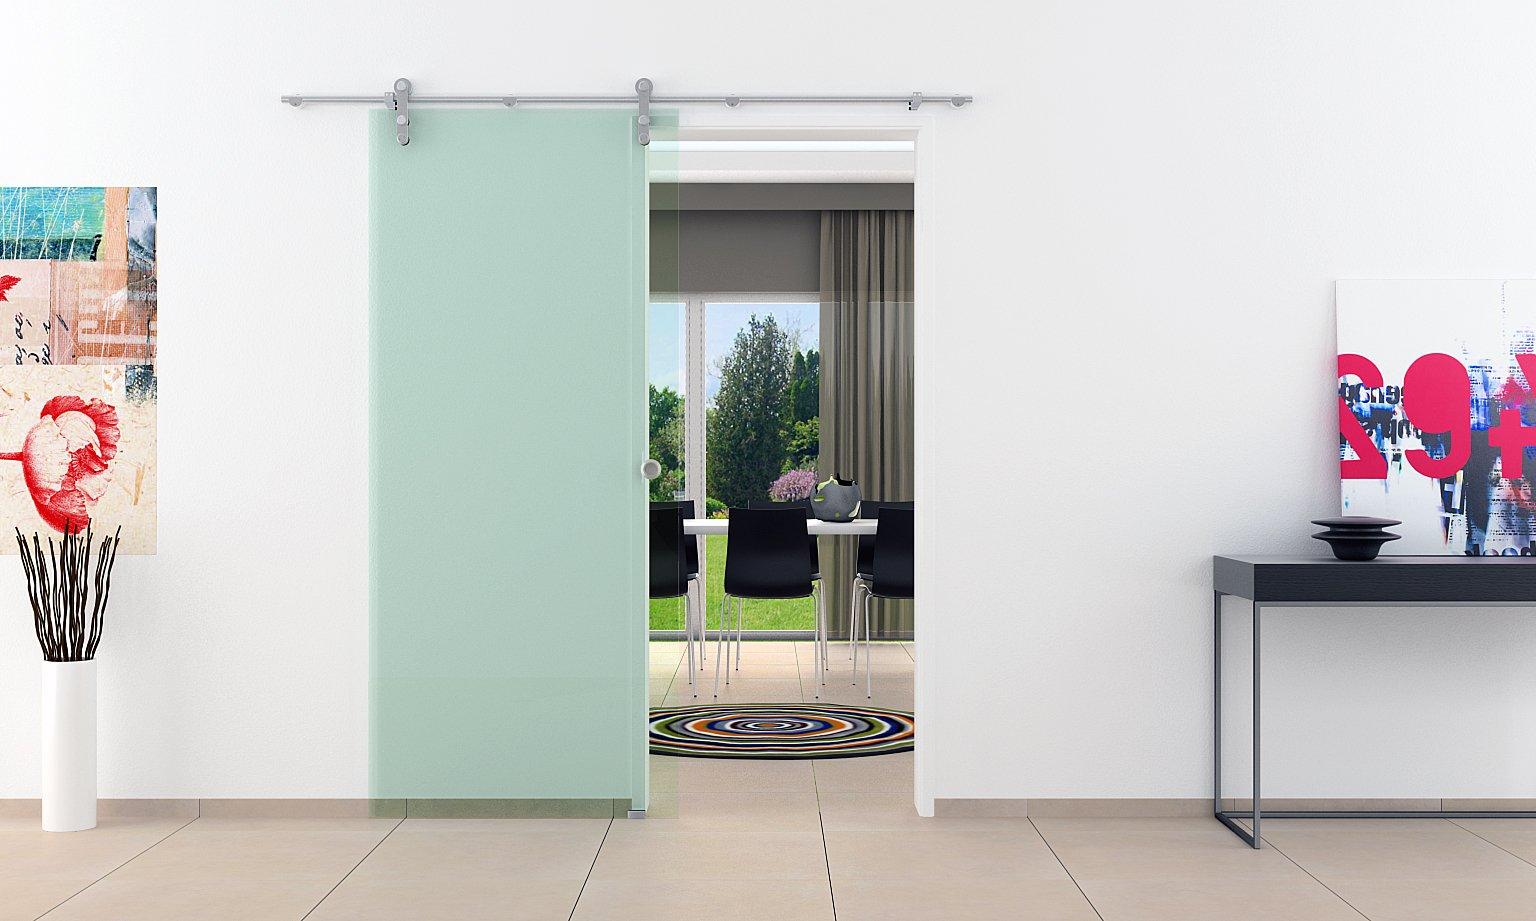 Correderas de cristal de las puertas de interiores 775 mm x 2050 mm abierta de ruedas de acero inoxidable & concha de mango por el fabricante LEVIDOR de muy alta calidad silenciosas